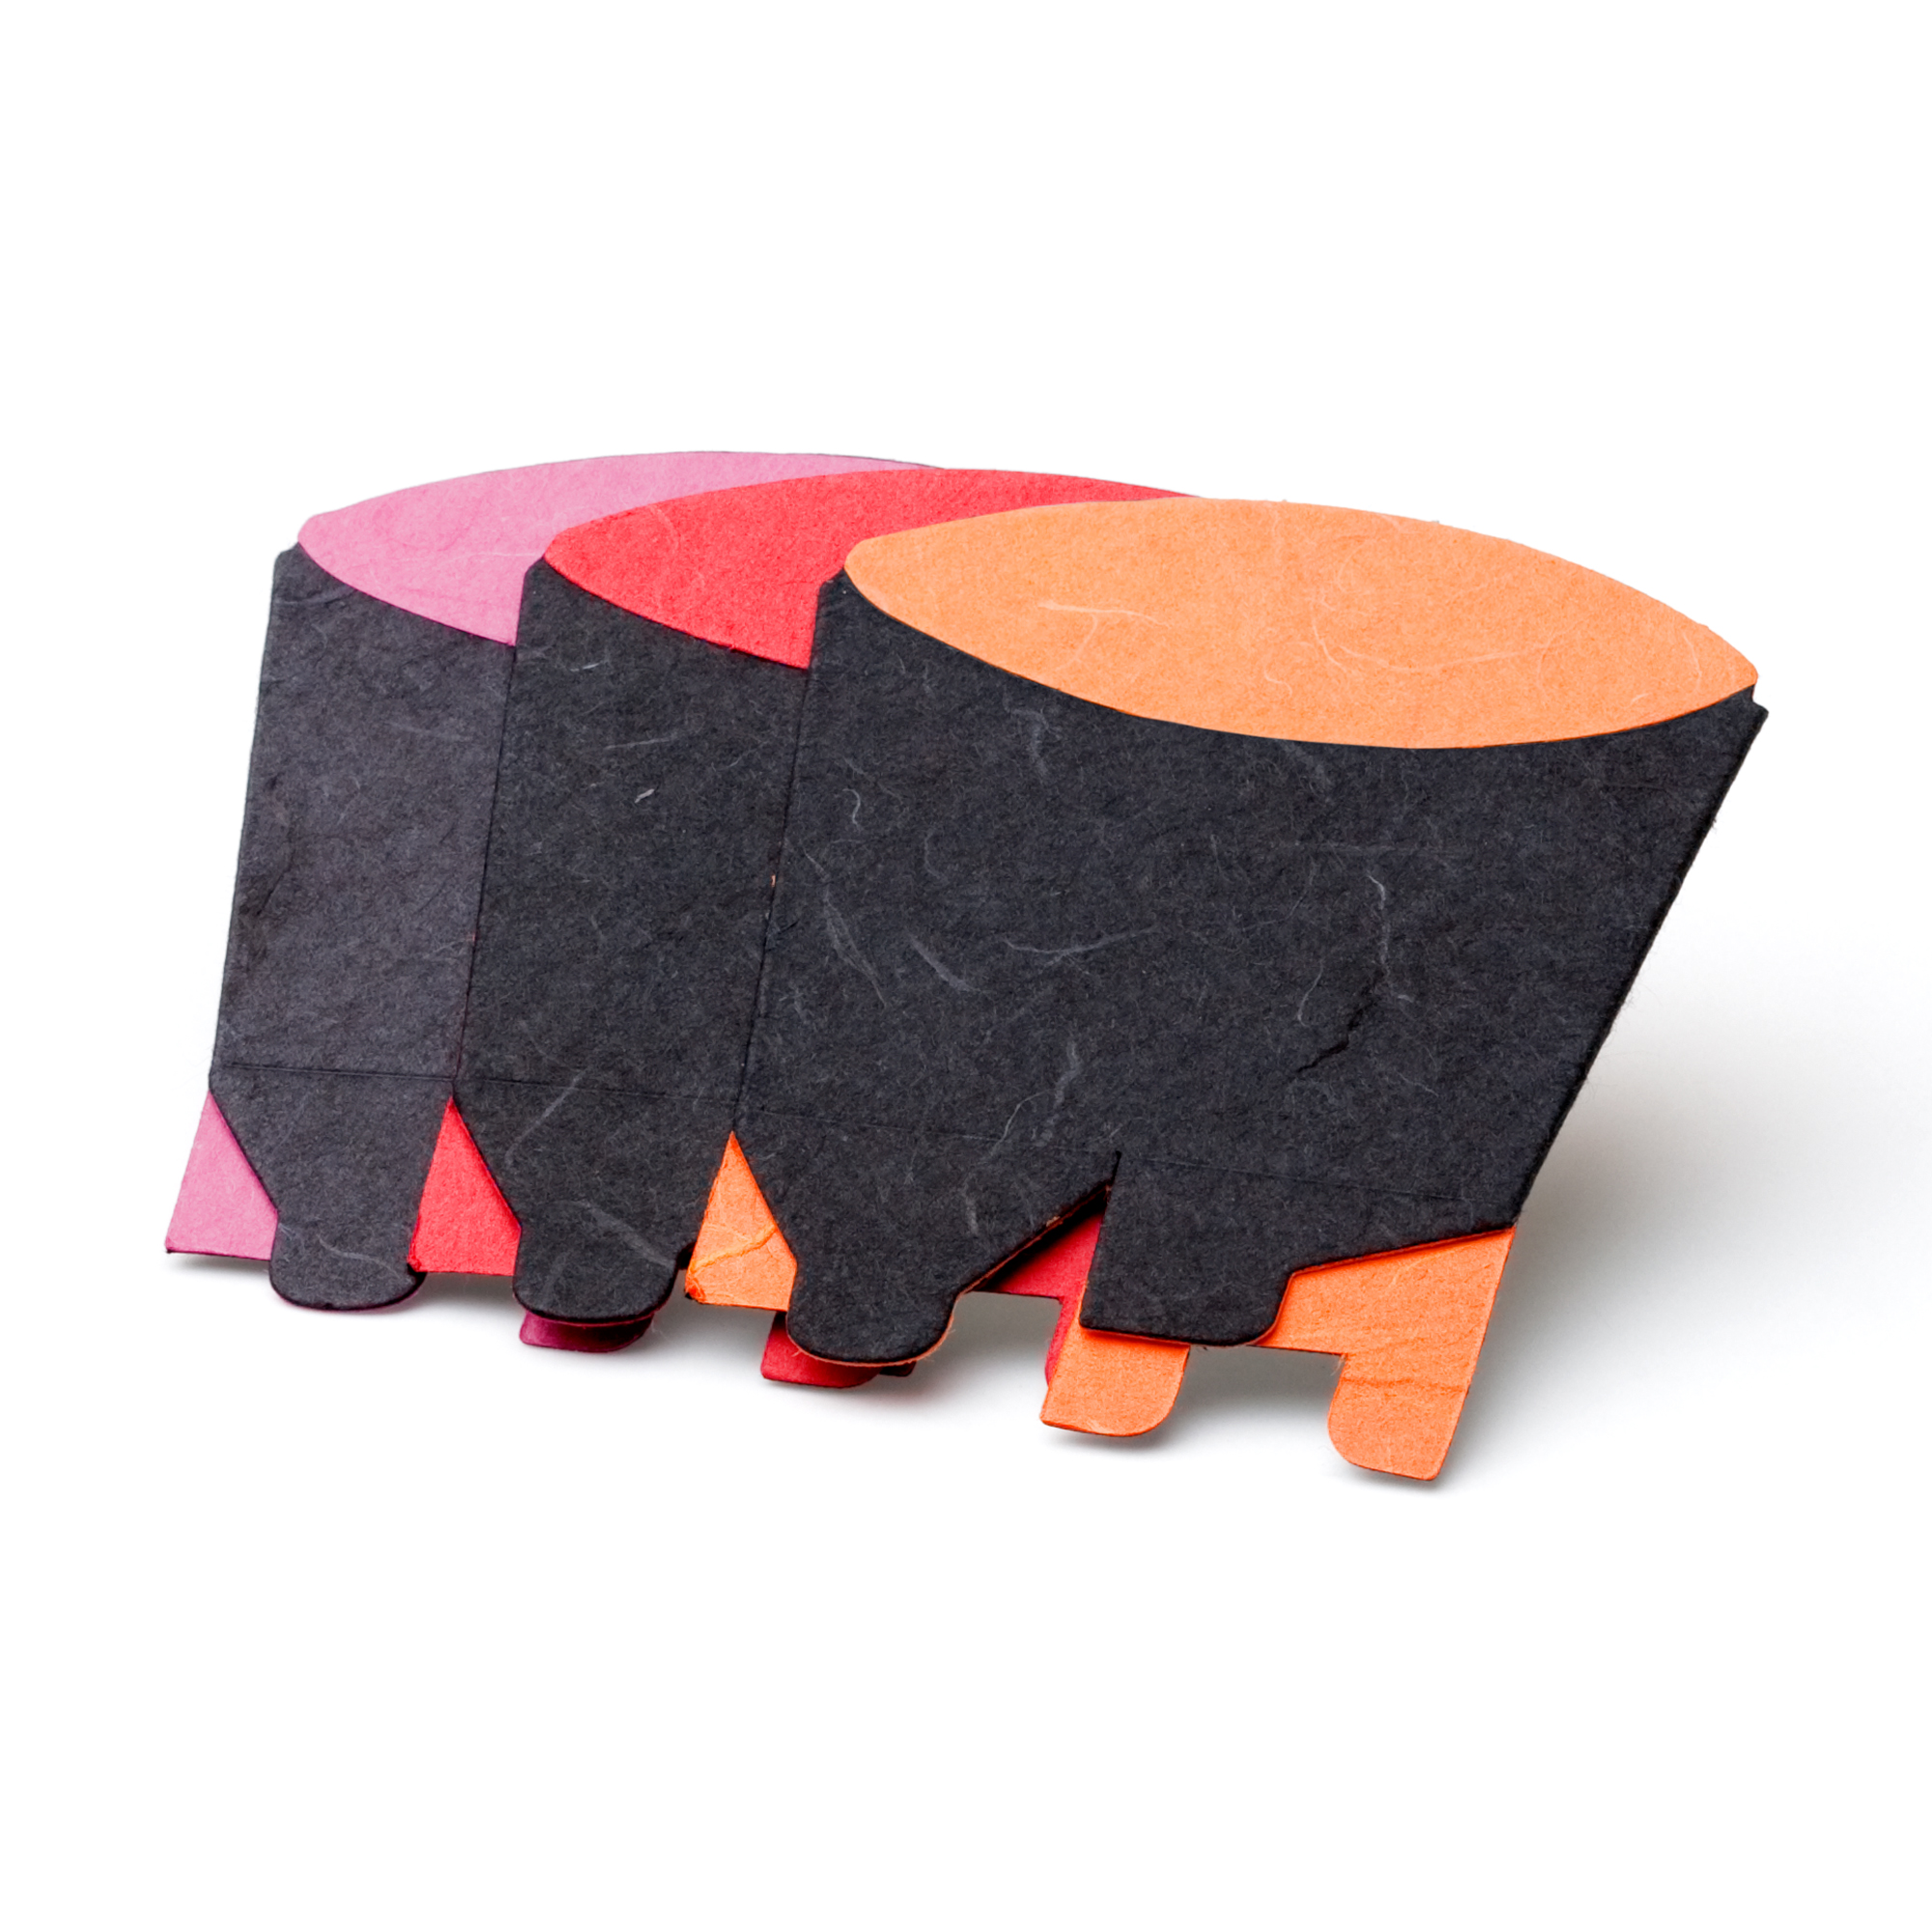 FIXBOX small pink/red/orange